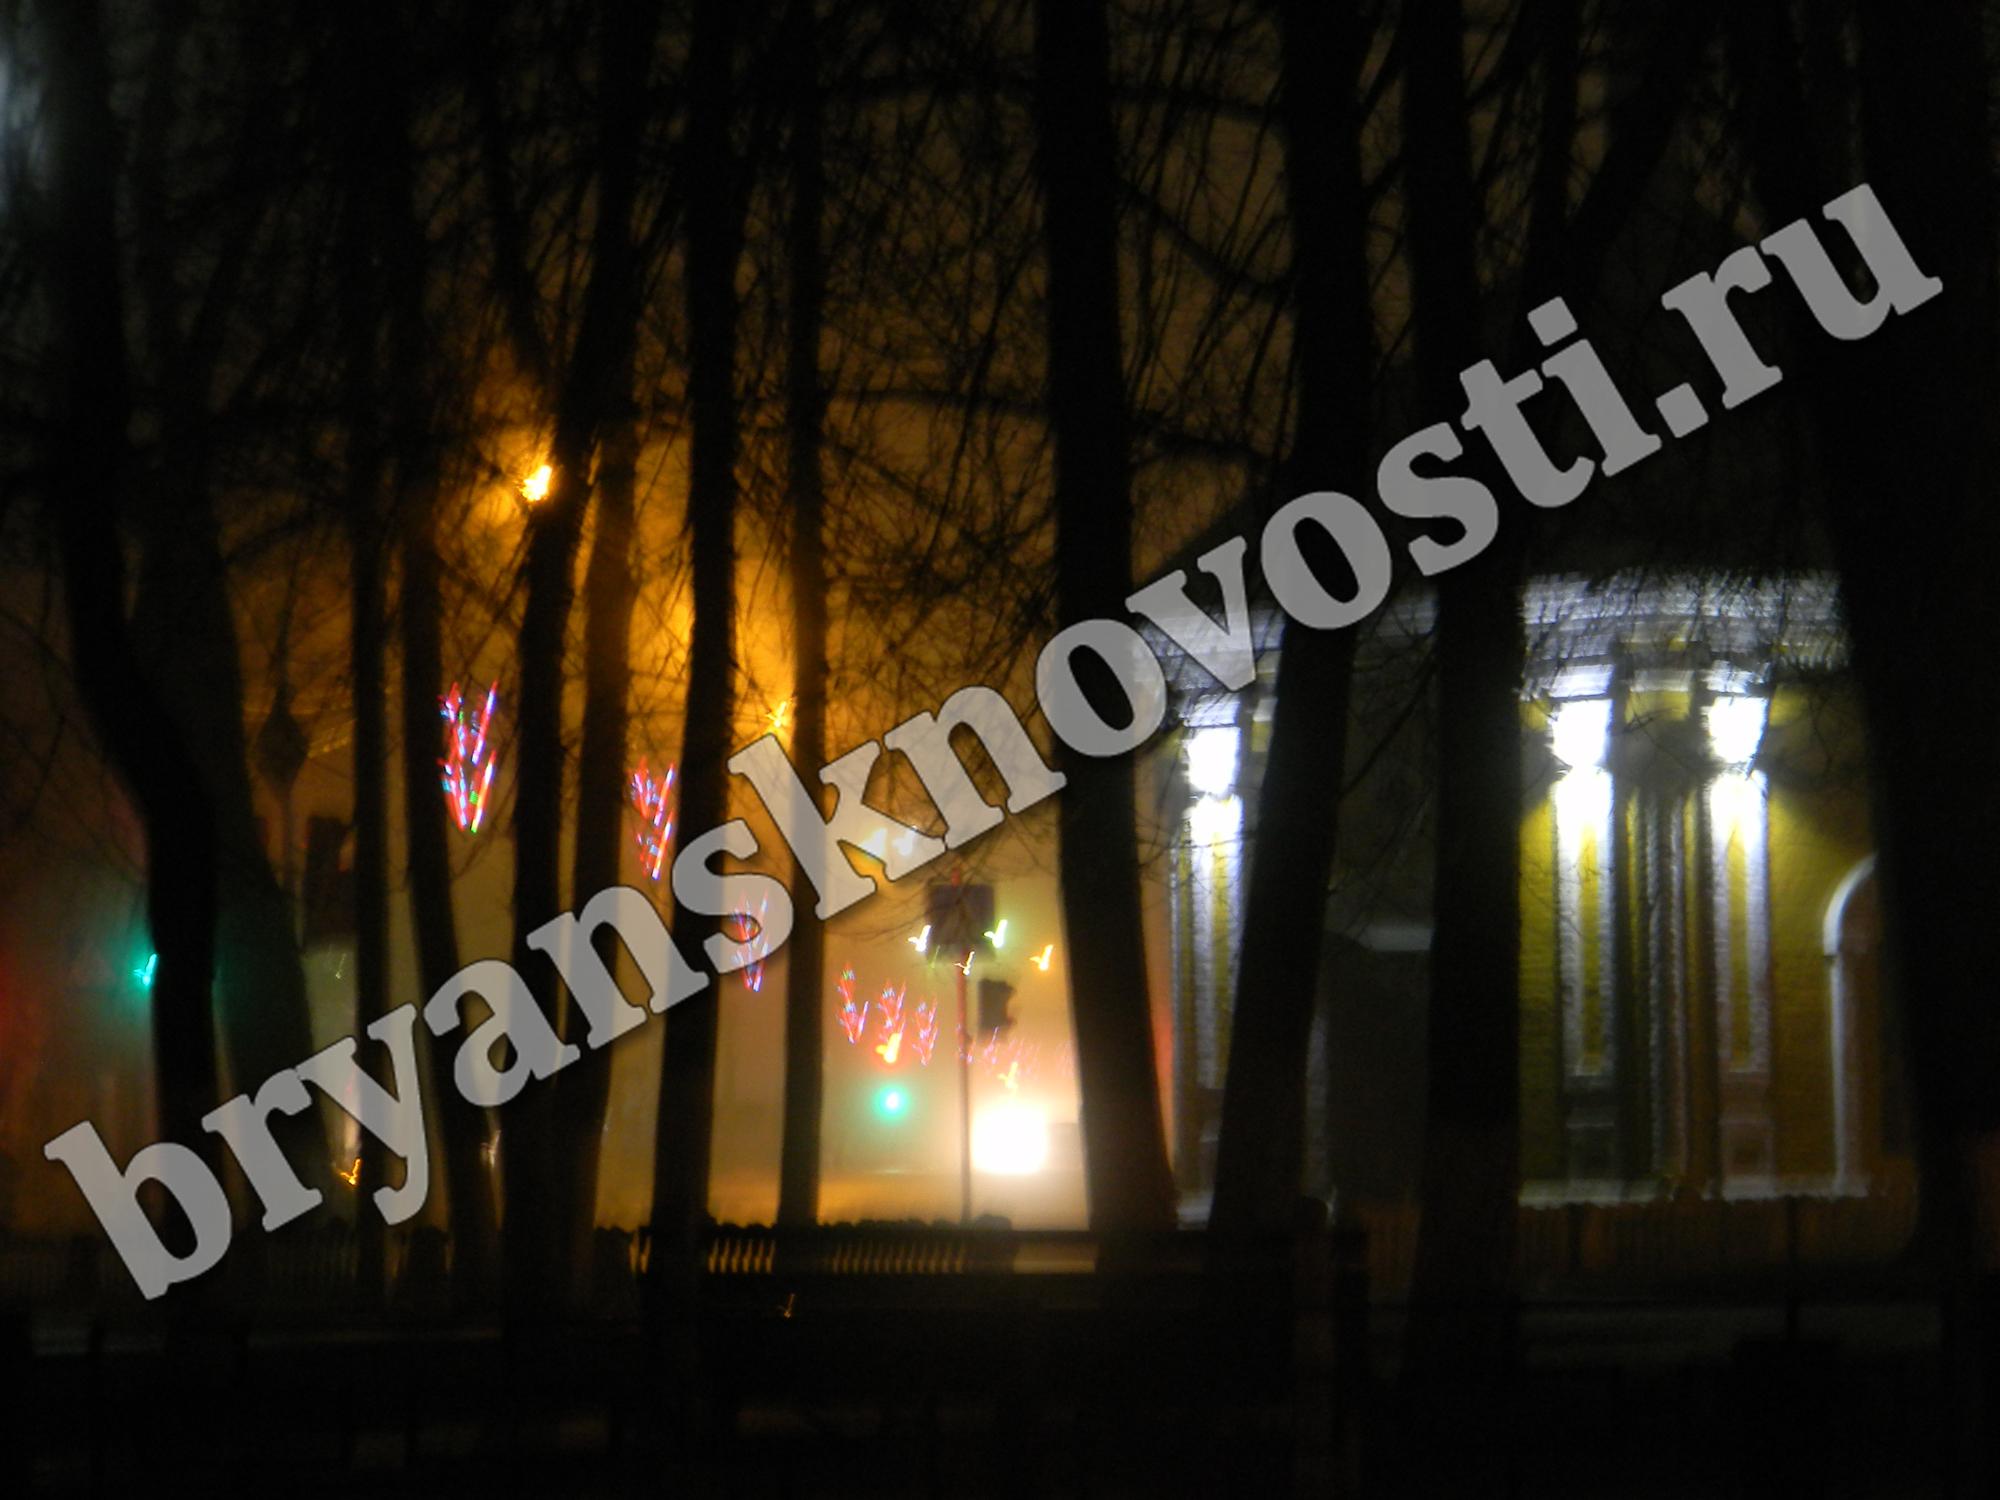 А был ли мальчик: в Новозыбкове разбираются в подробностях об избиении школьника